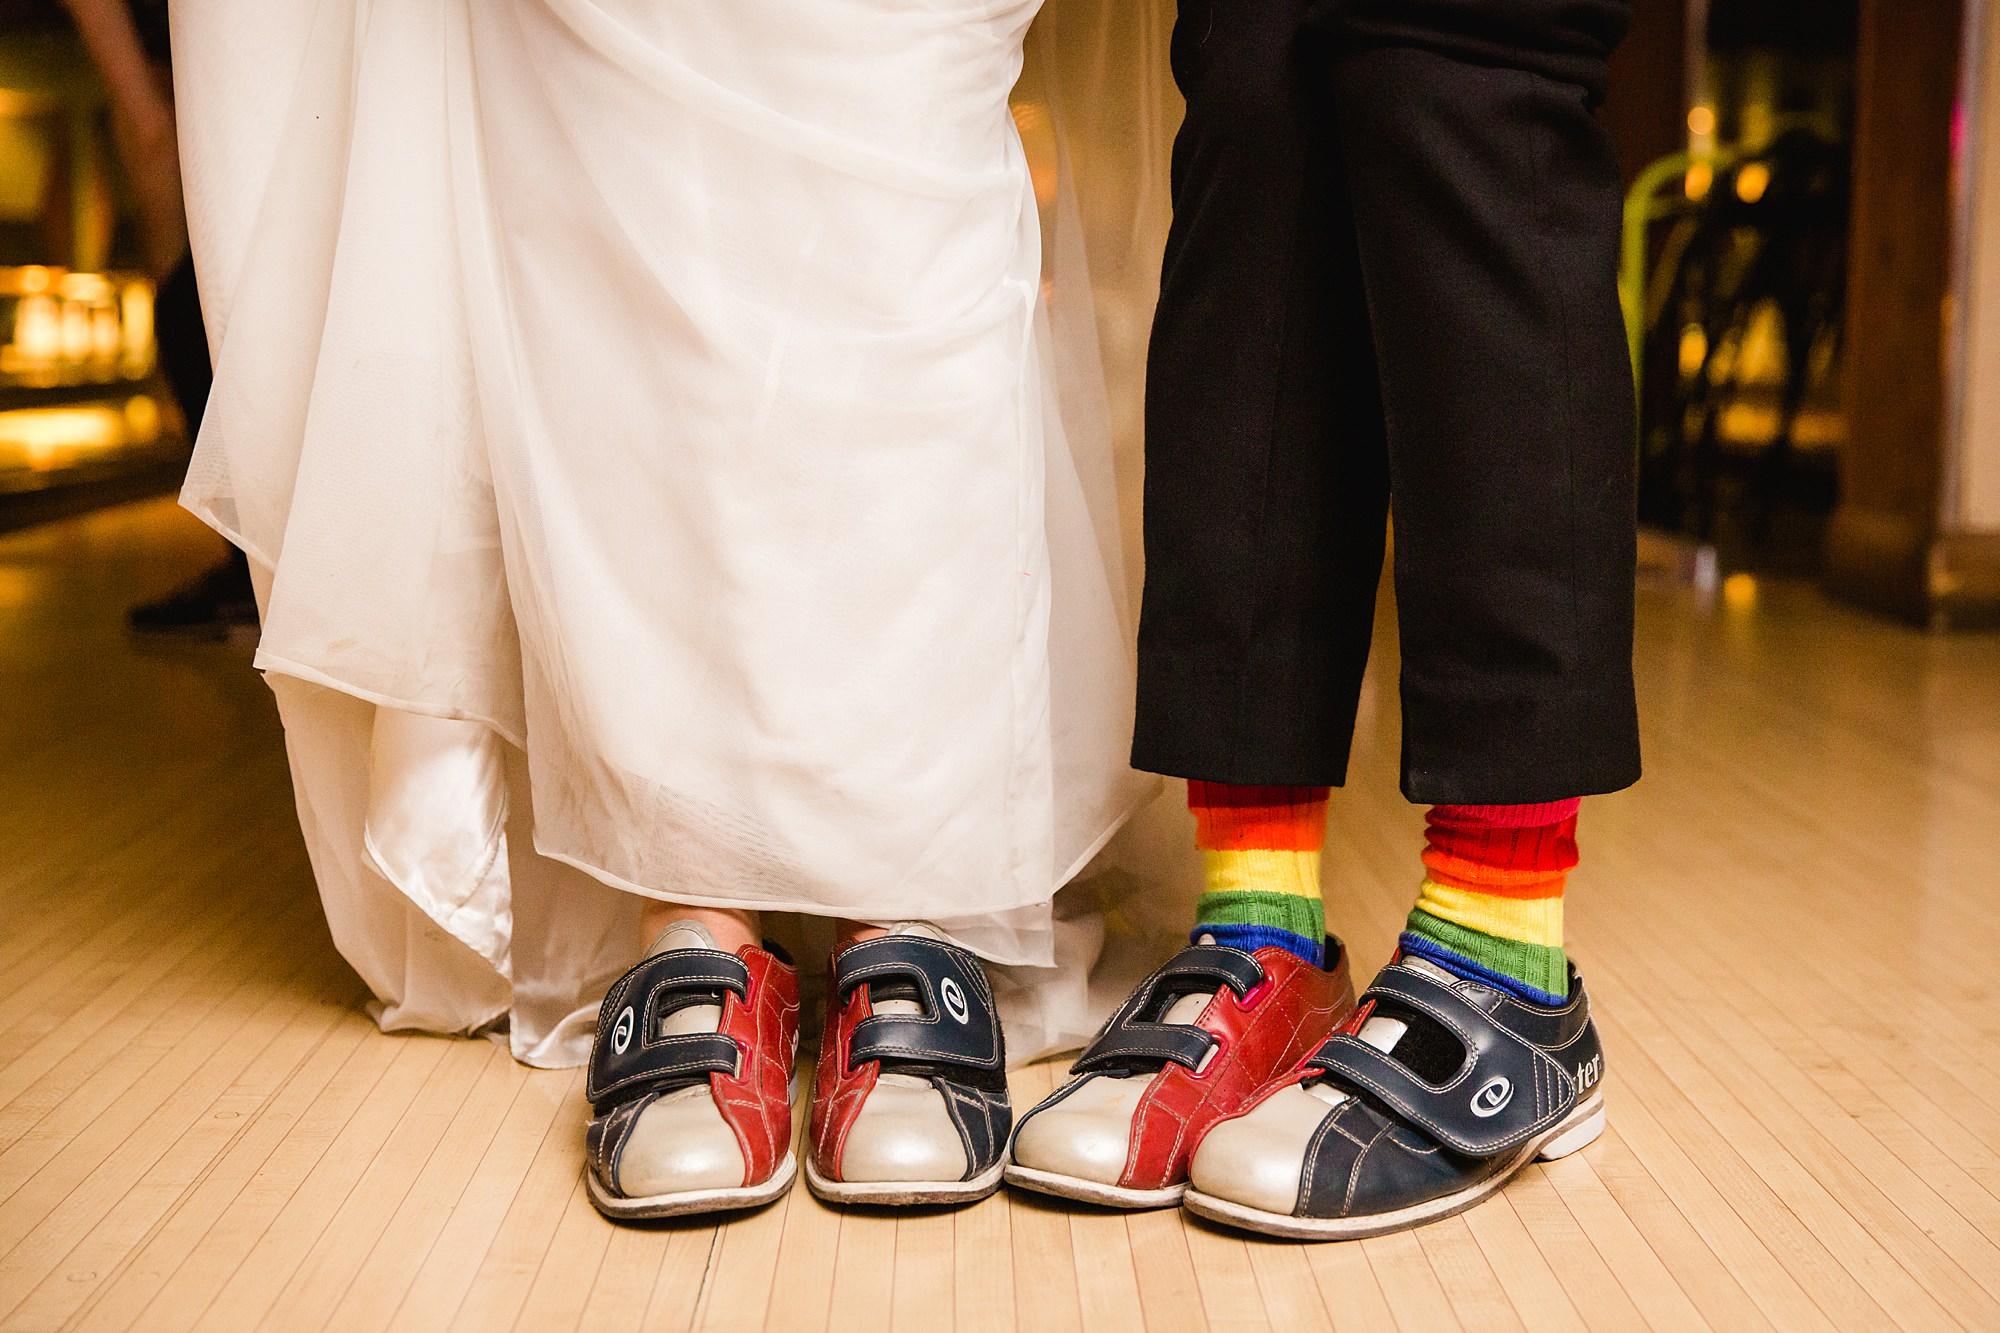 fun london wedding bowling cute bowling shoes